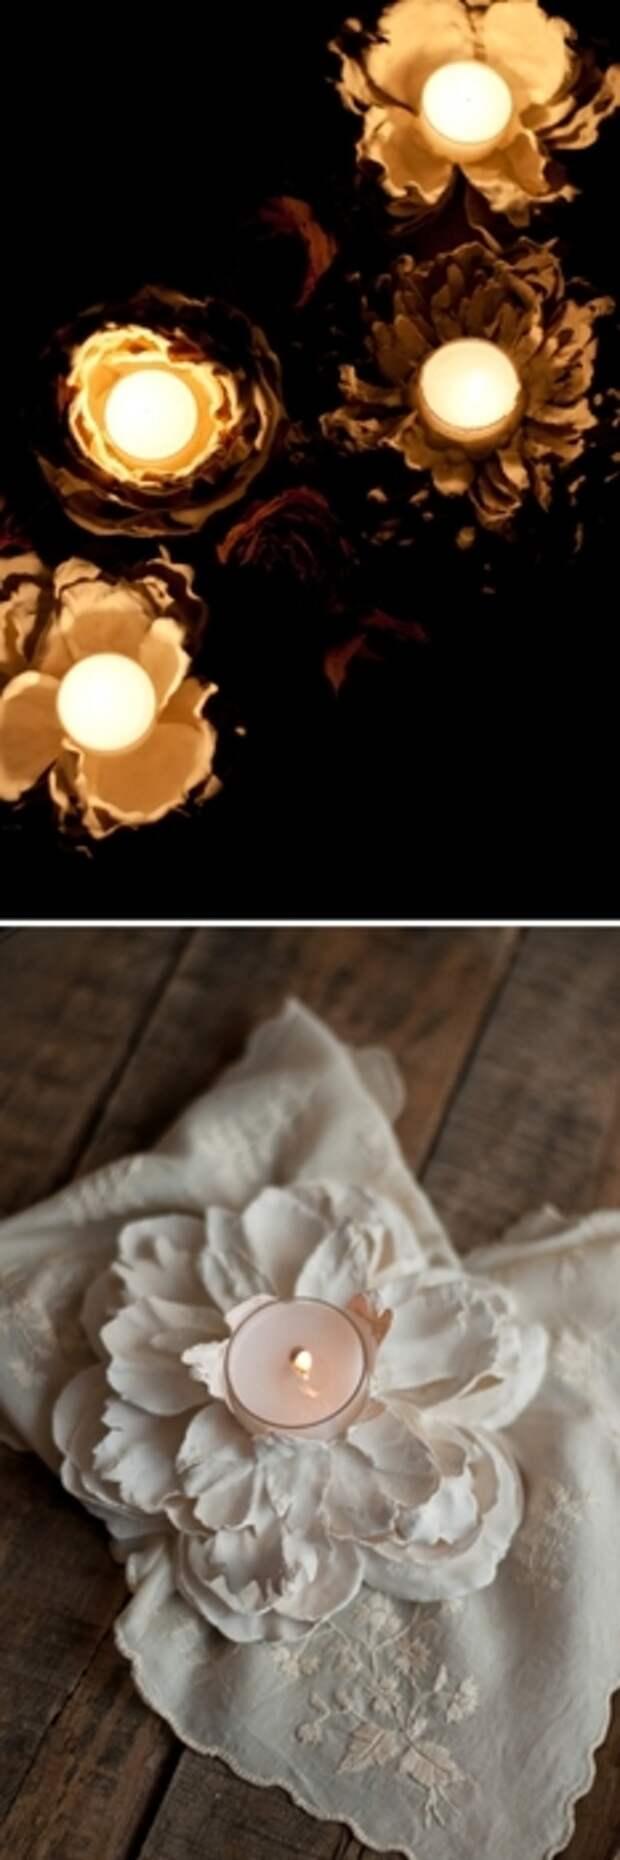 Интересная задумка: необычная вещица из гипса и цветов